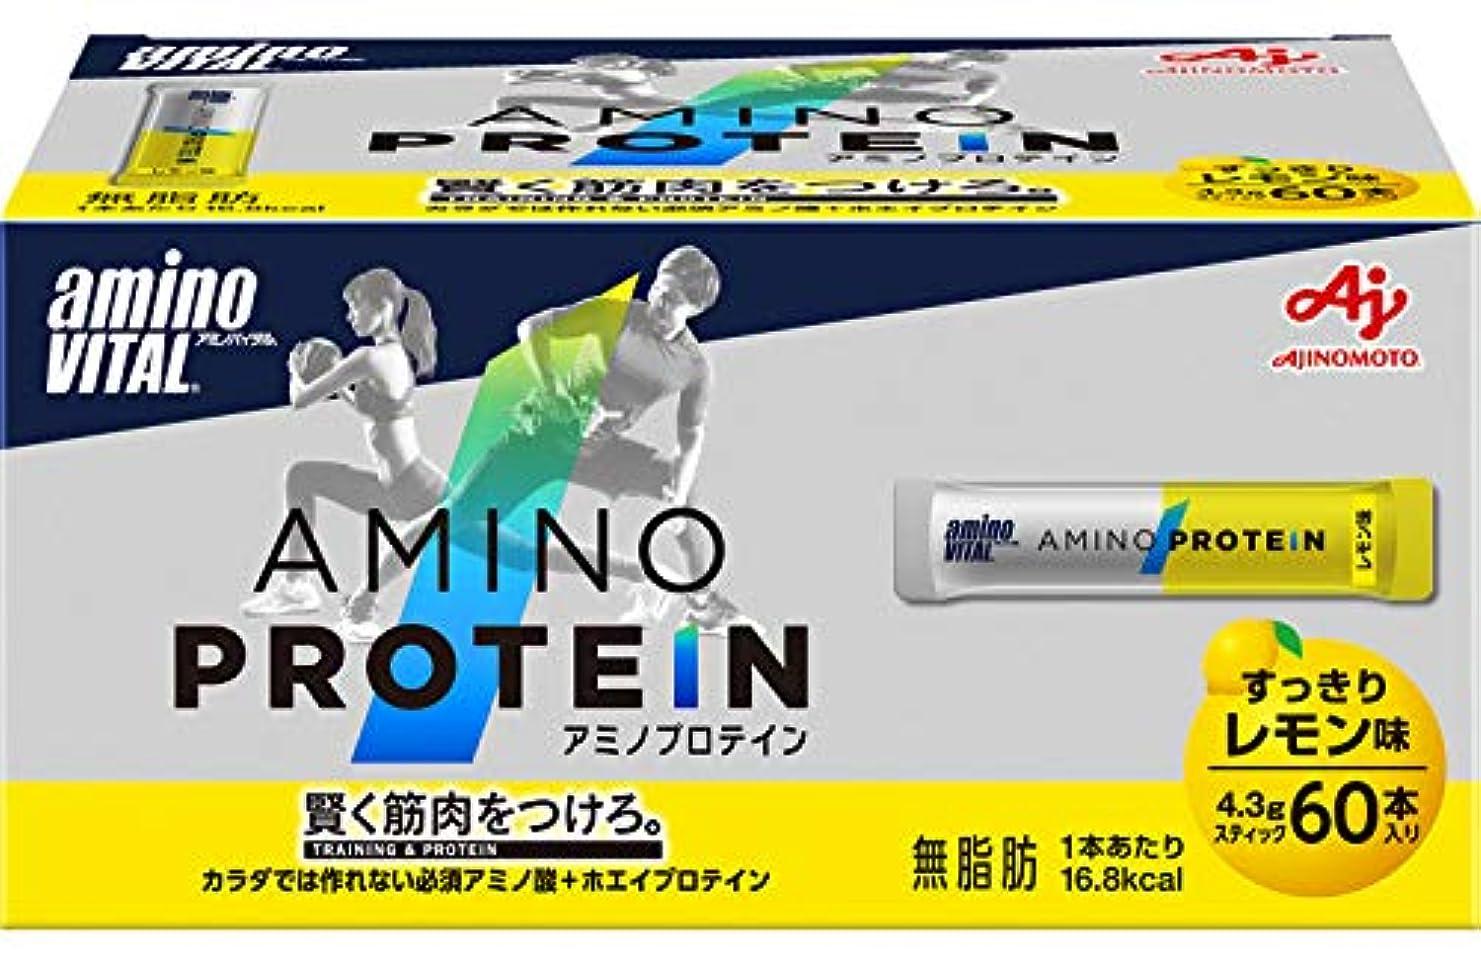 地味な組方法「アミノバイタル」アミノプロテイン レモン味 60本入箱